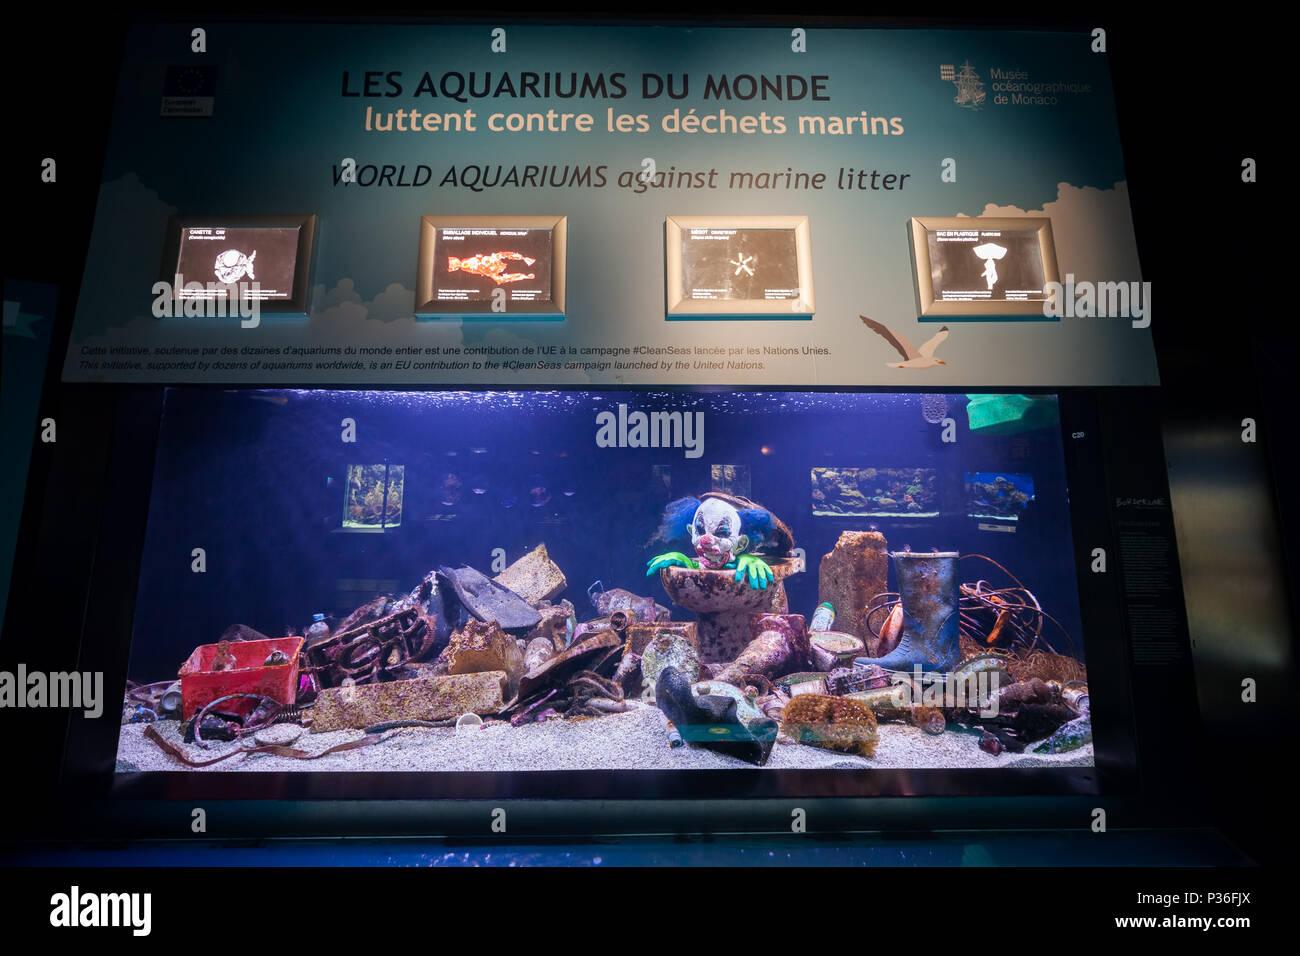 Monaco, fish tank filled with marine litter in Oceanographic Museum Aquarium - Stock Image